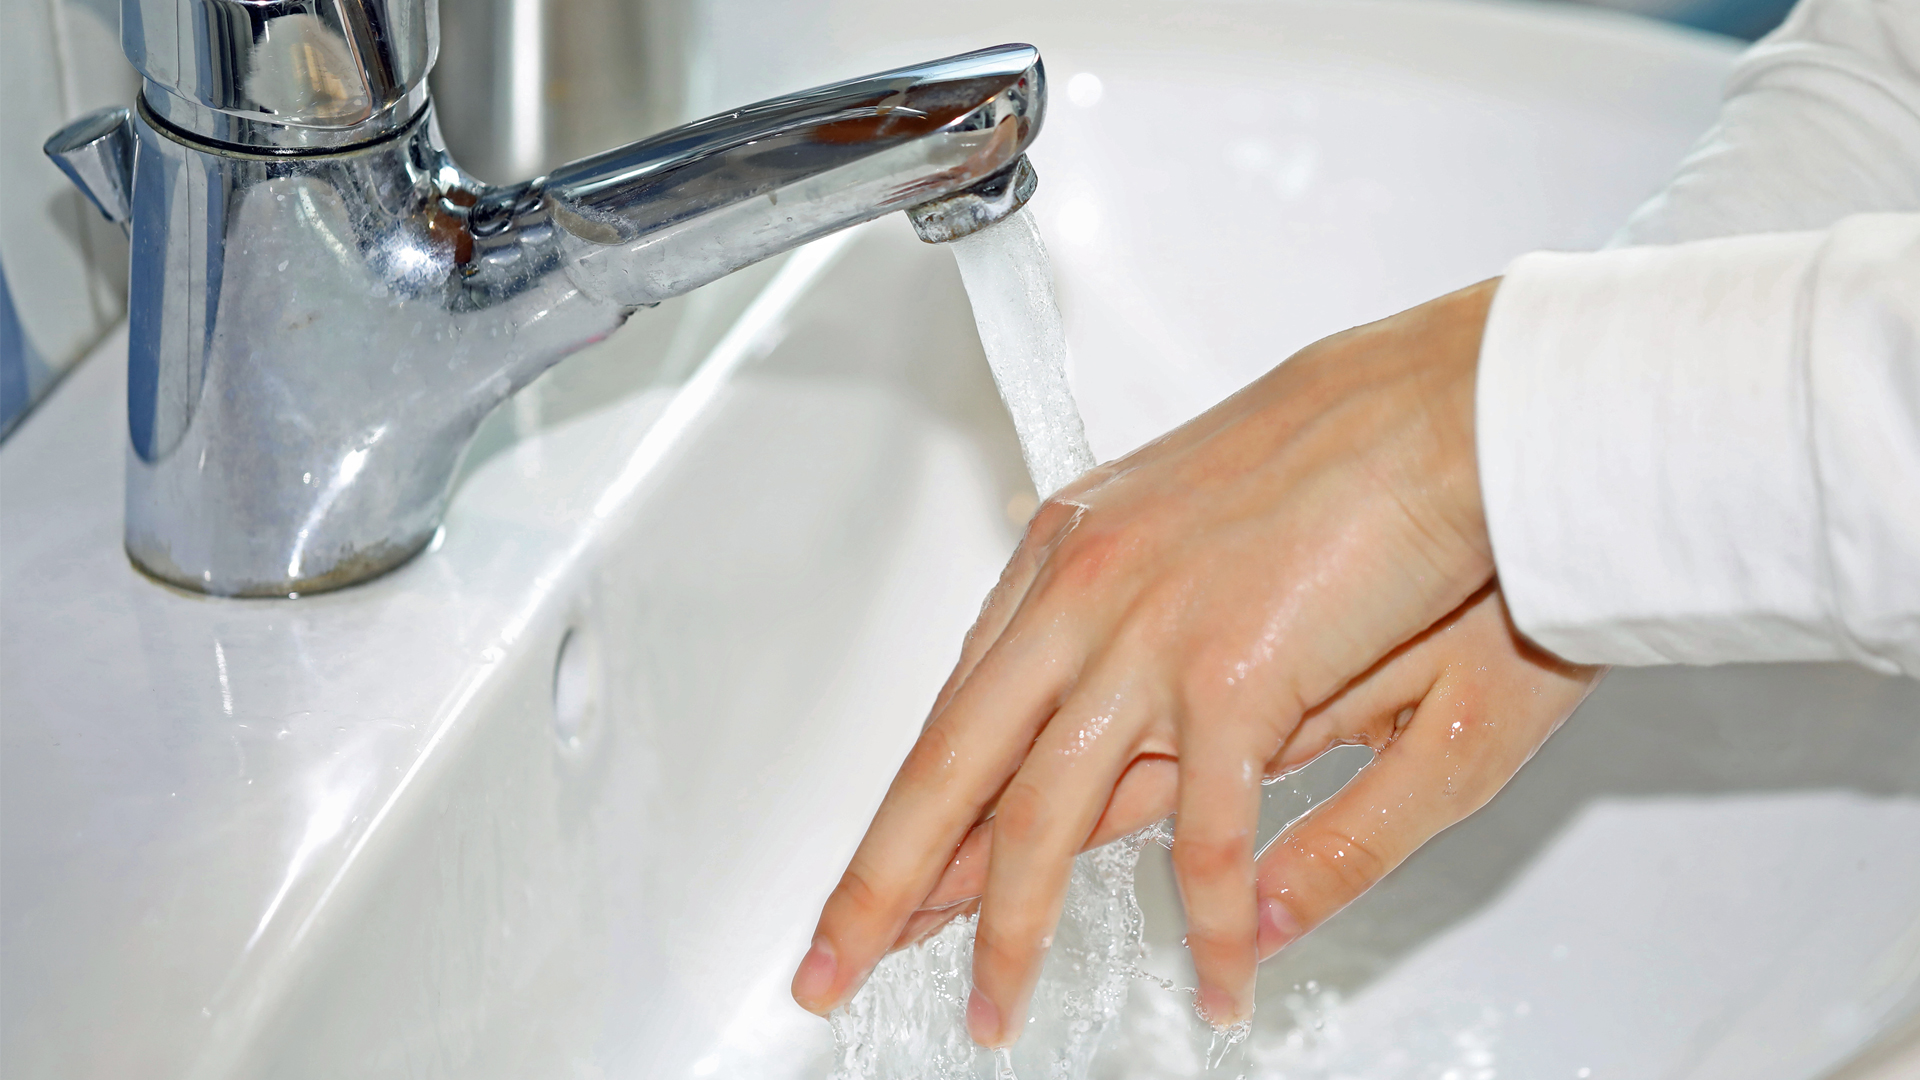 Händer som tvättar sig i vattenkran.